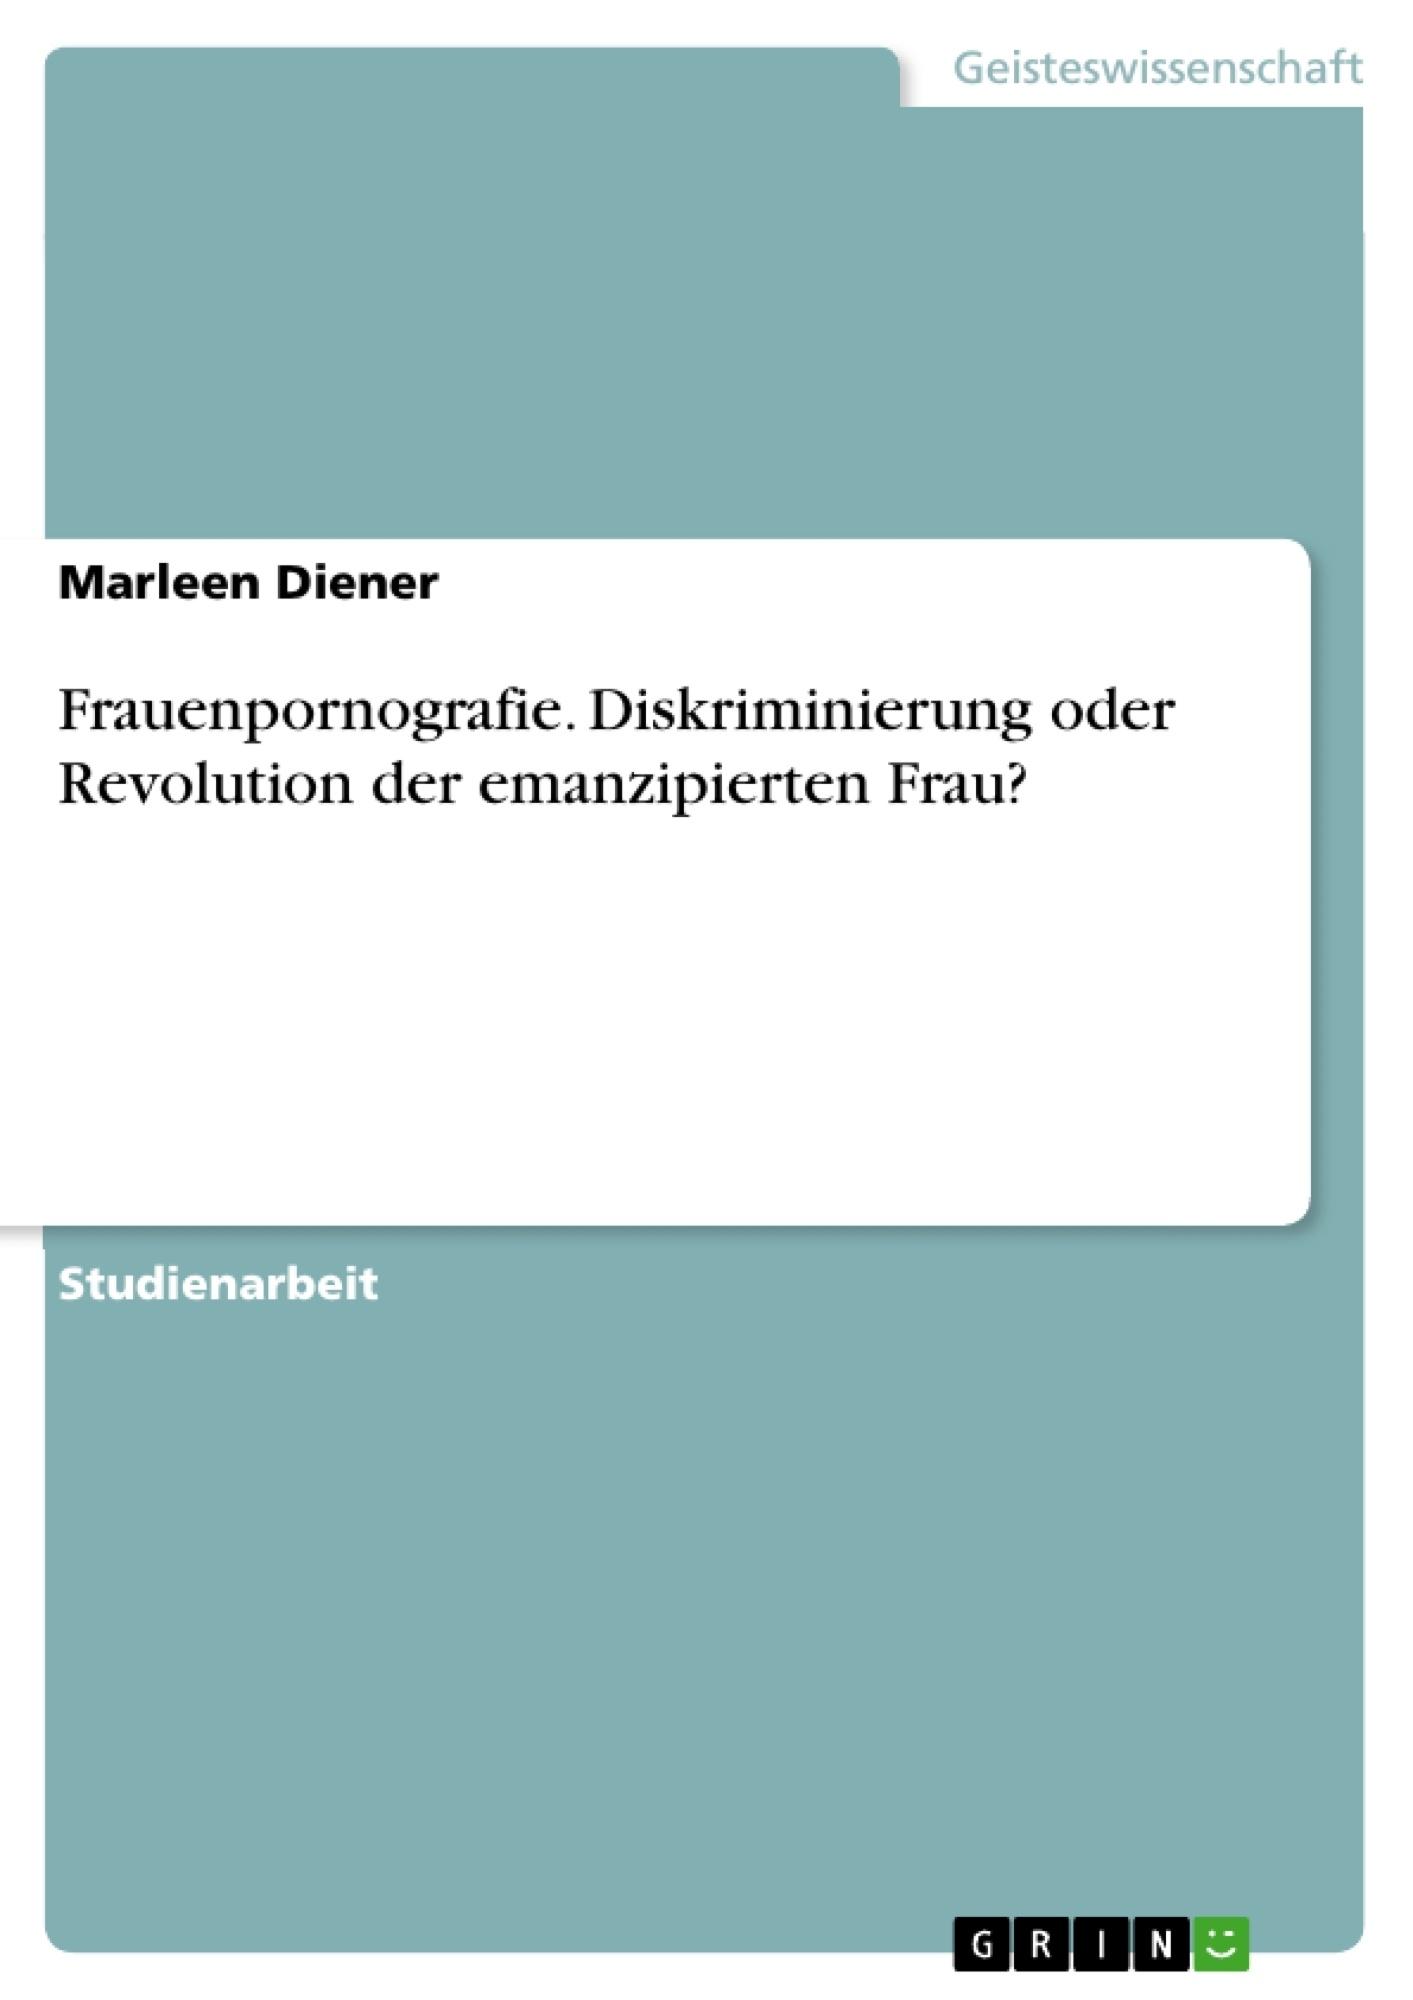 Titel: Frauenpornografie. Diskriminierung oder Revolution der emanzipierten Frau?